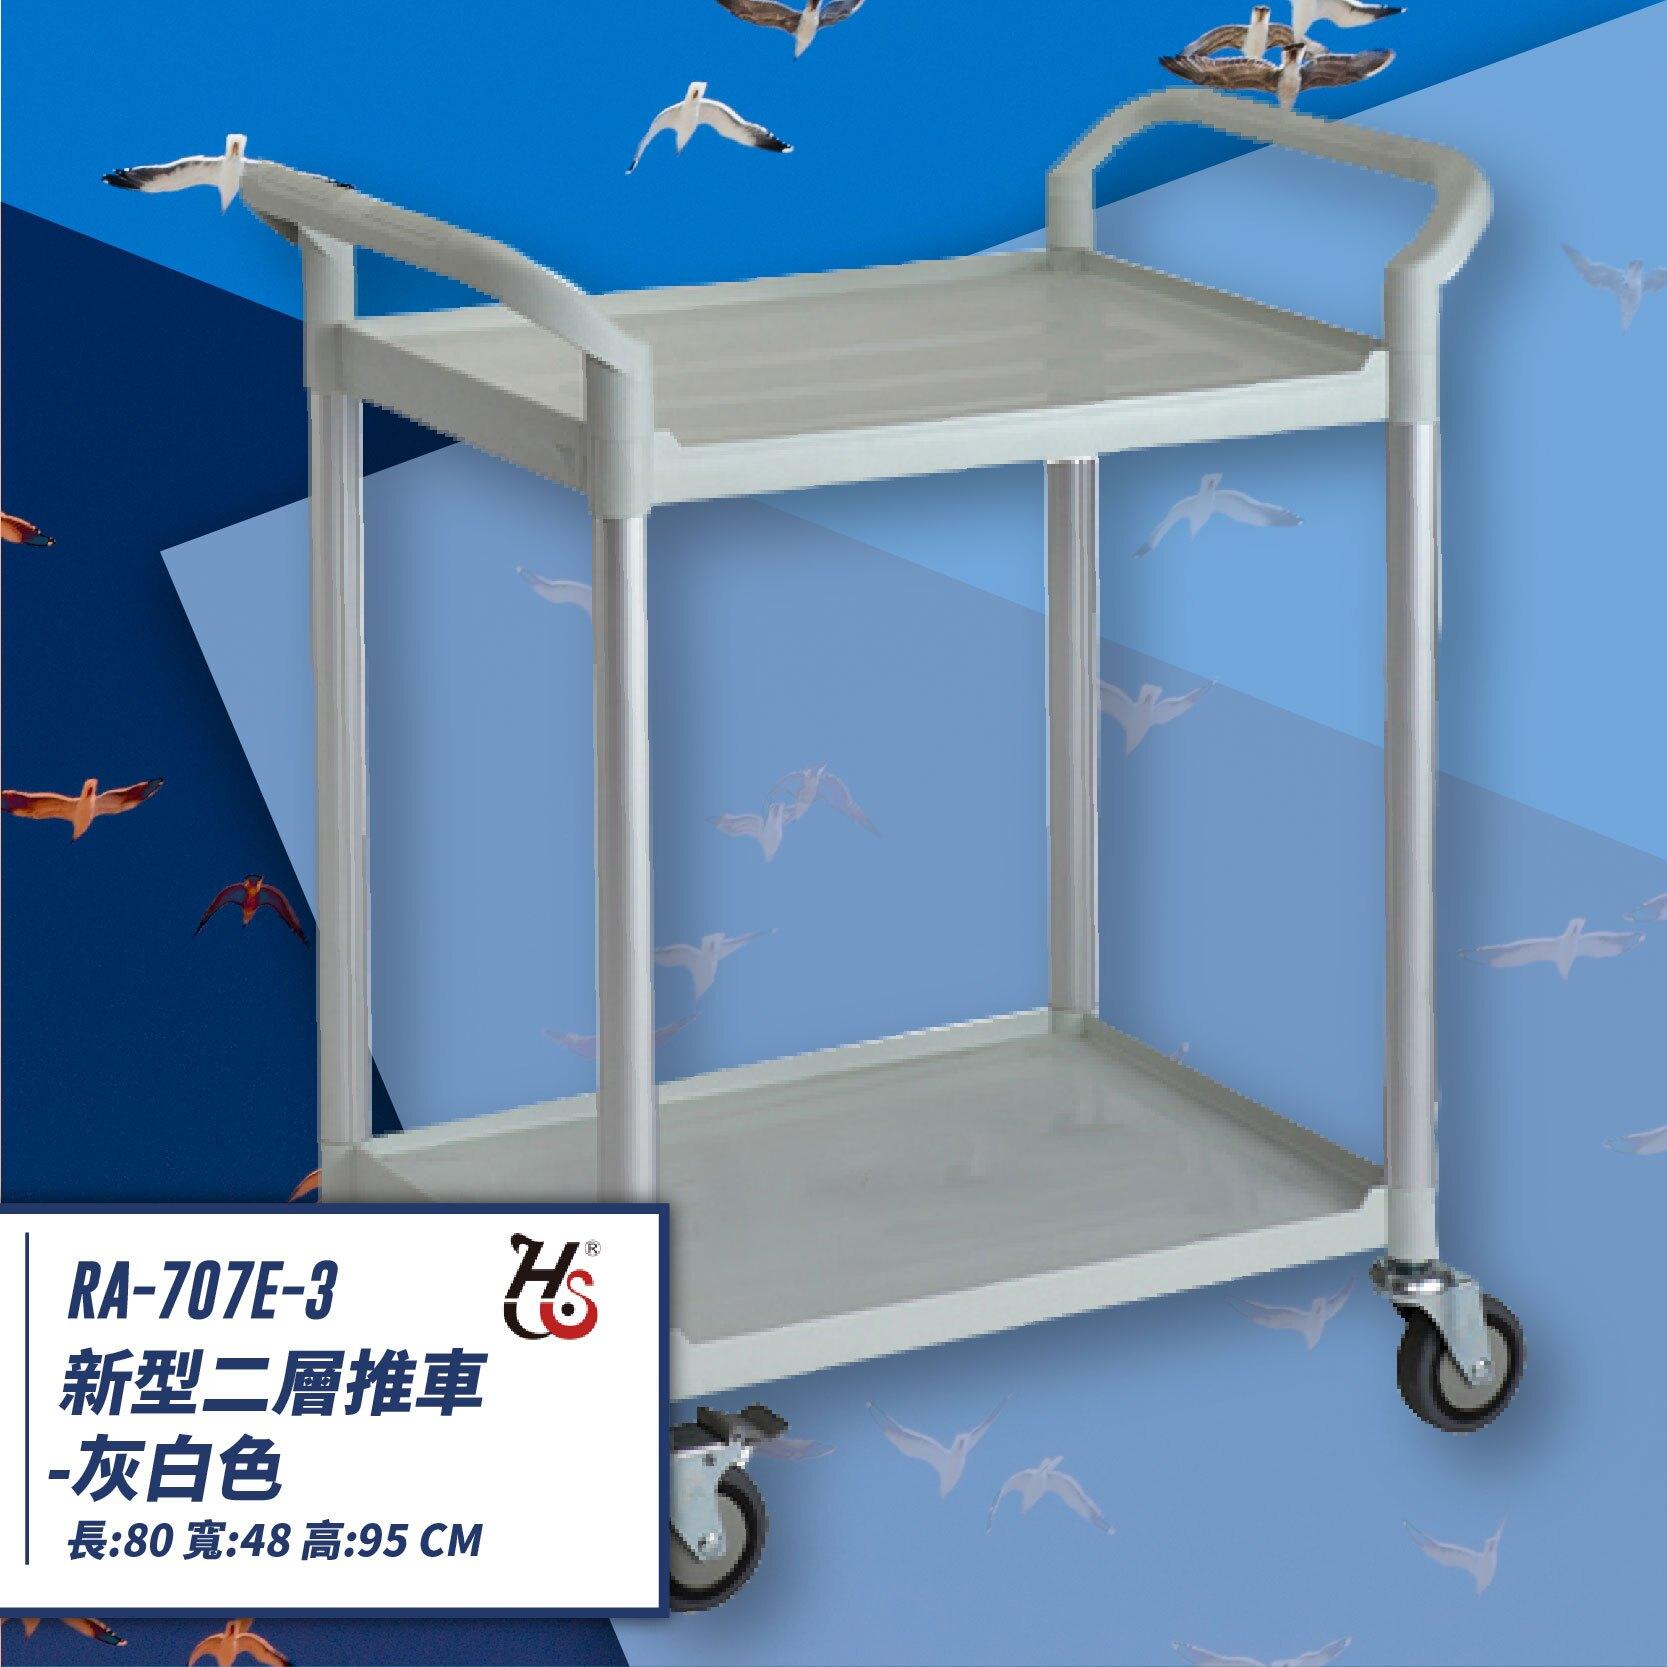 【推車嚴選】華塑 RA-707E-3 二層推車 置物台車 工作車 工具車 餐車 置物架 手推車 二層台車 清潔車 房務車